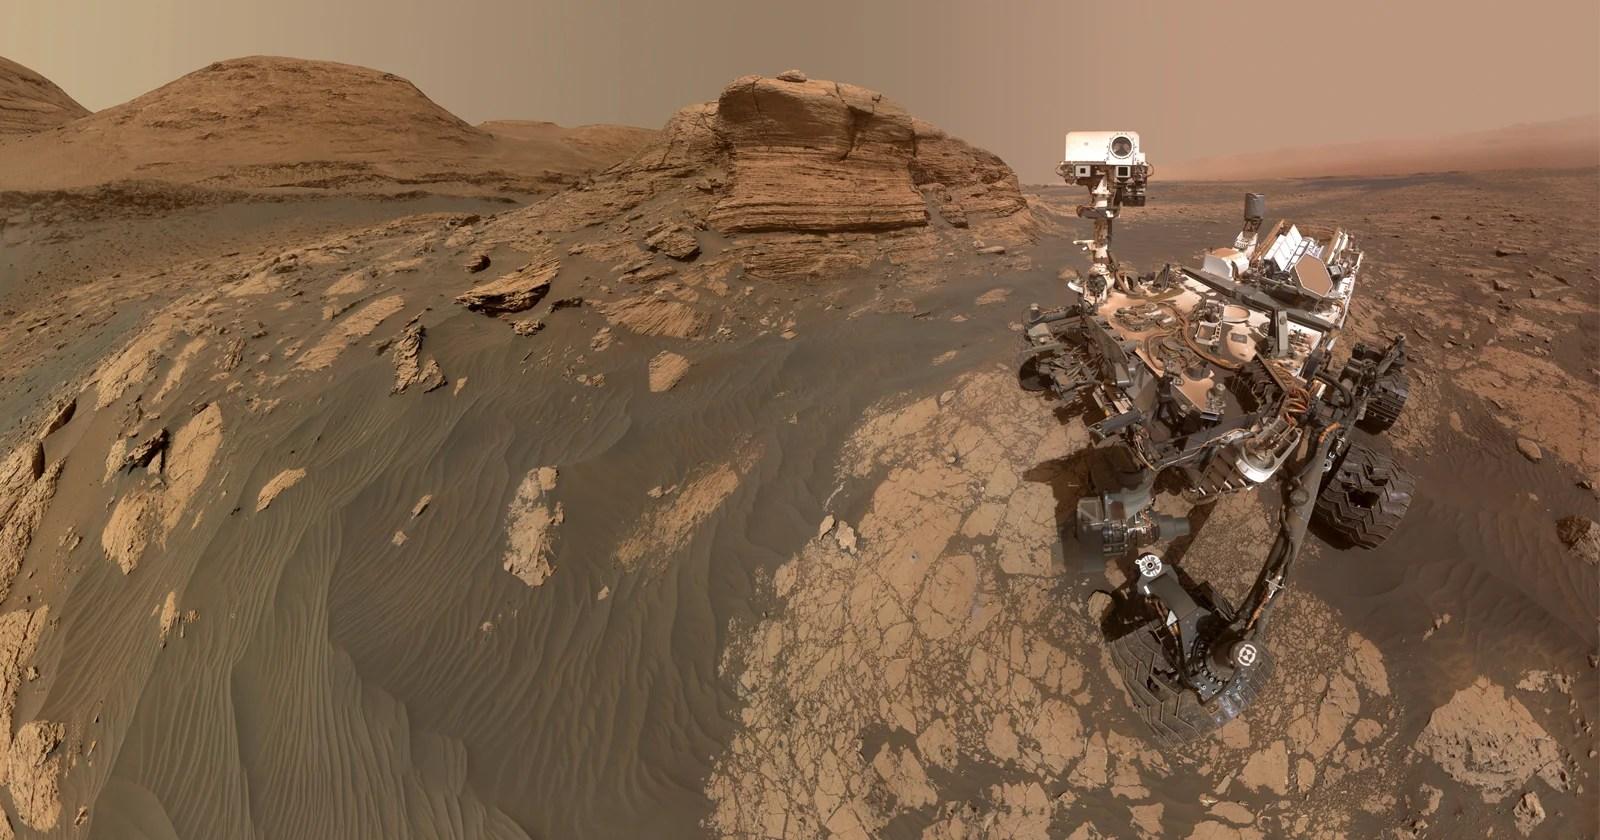 Il Curiosity Rover ha scattato un enorme selfie da 318 Megapixel su Marte